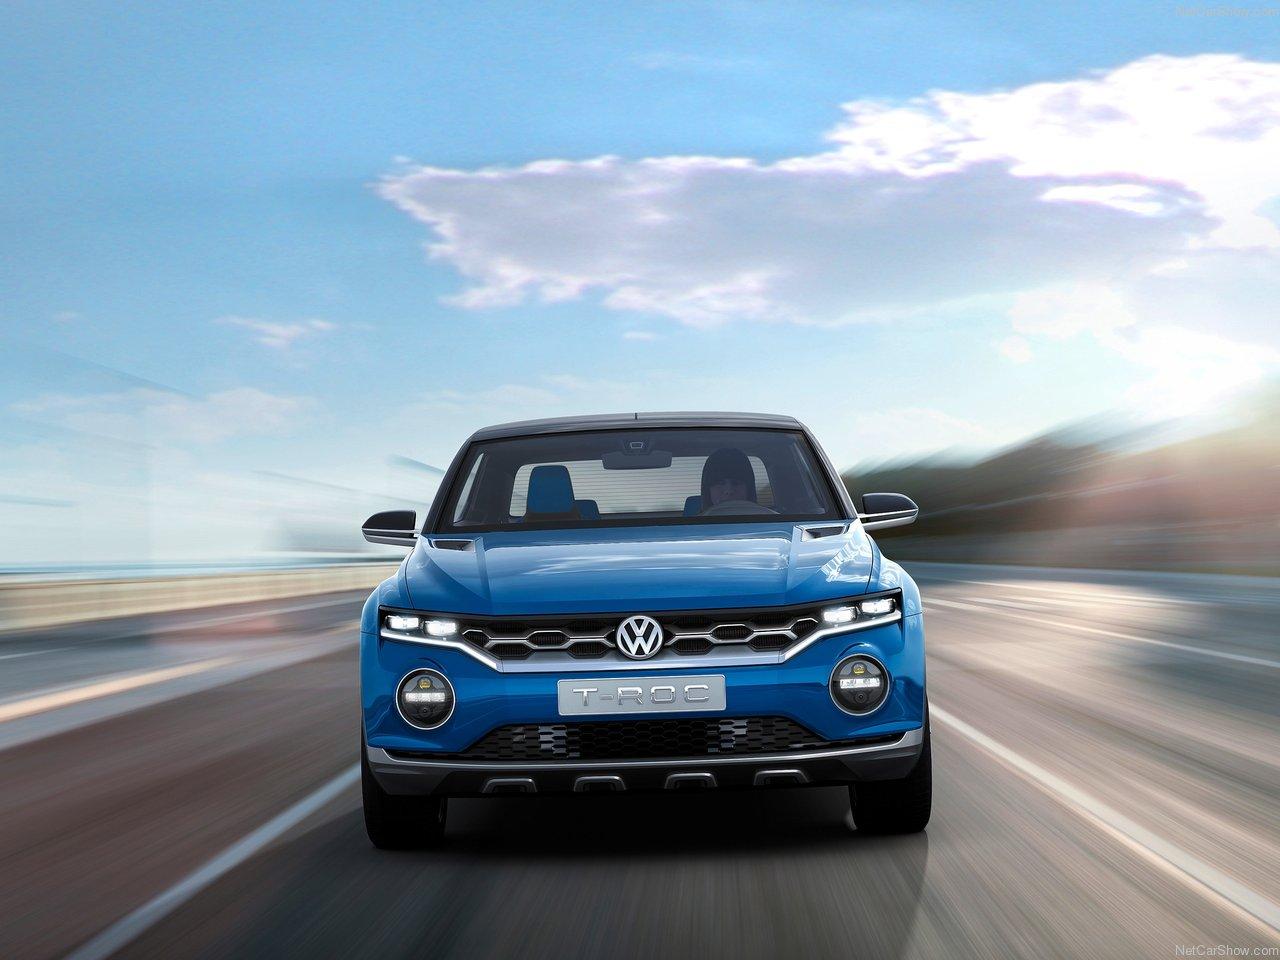 Volkswagen-T-Roc_Concept_2014_1280x960_wallpaper_0b.jpg